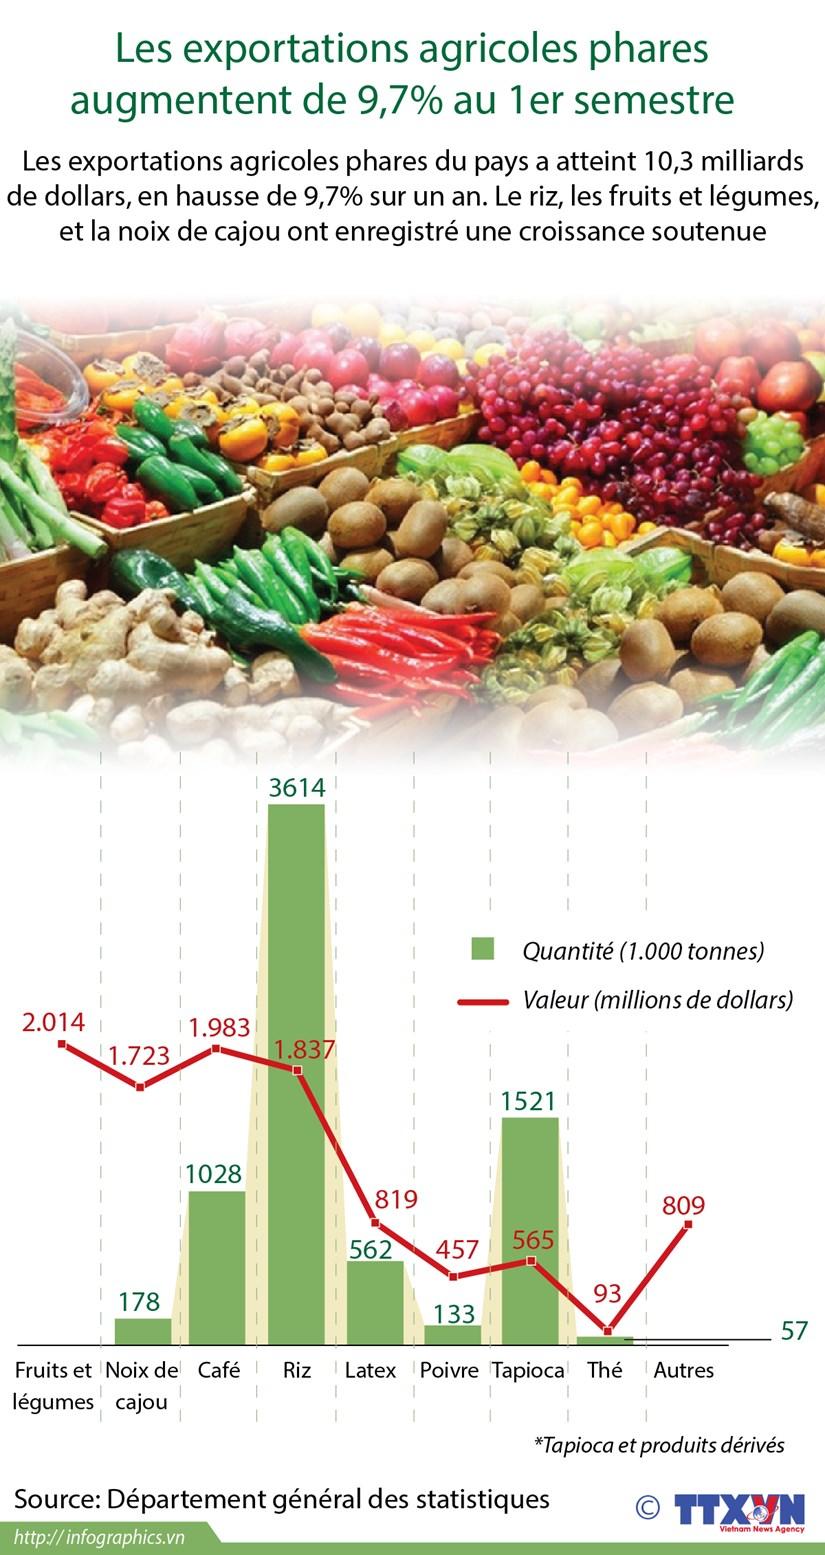 Les exportations de produits agricoles phares augmentent de 9,7% au 1er semestre hinh anh 1